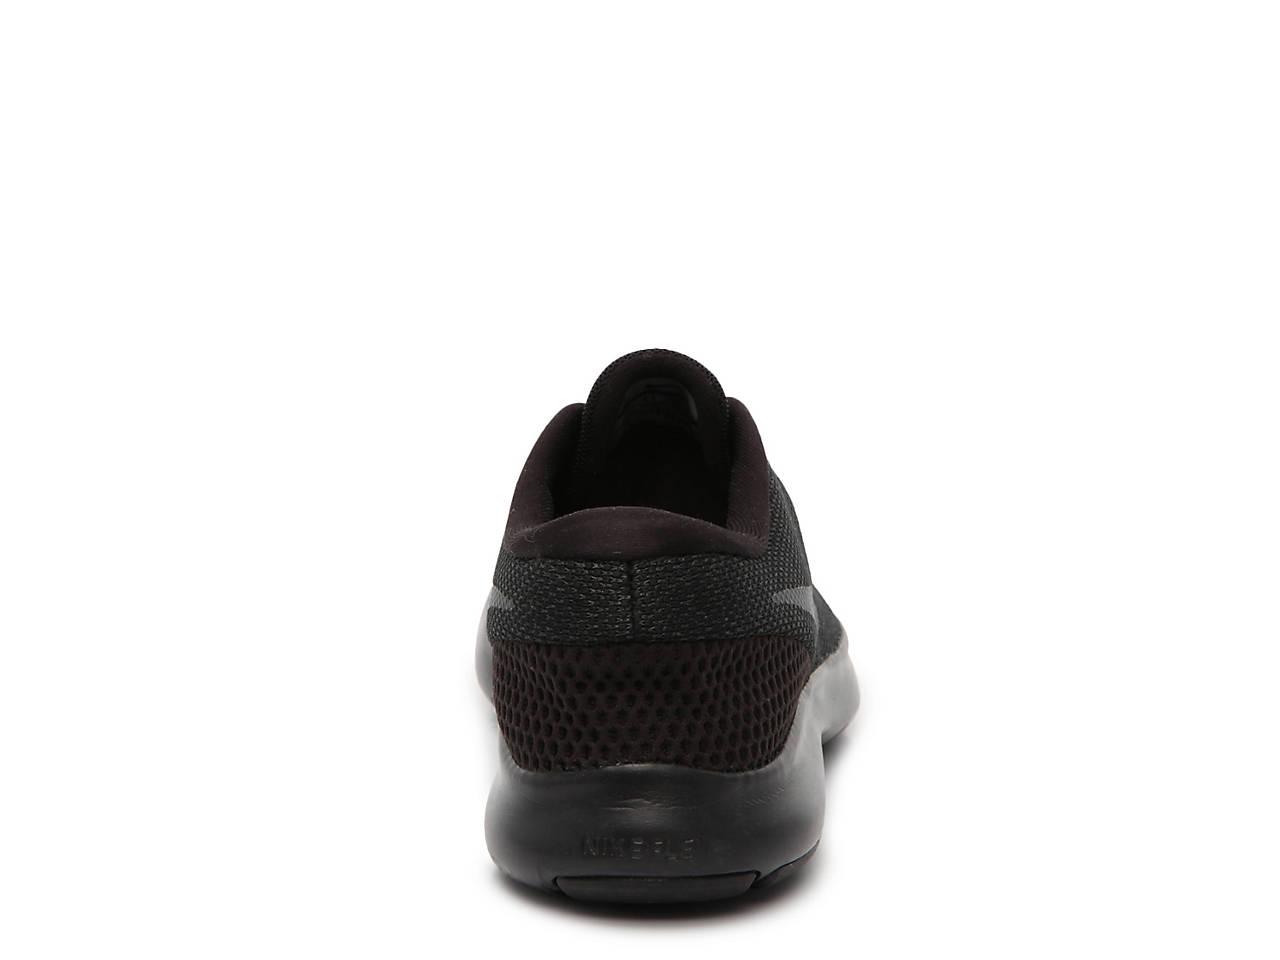 a39558399a2 Nike Flex Experience RN 7 Lightweight Running Shoe - Women's Women's ...